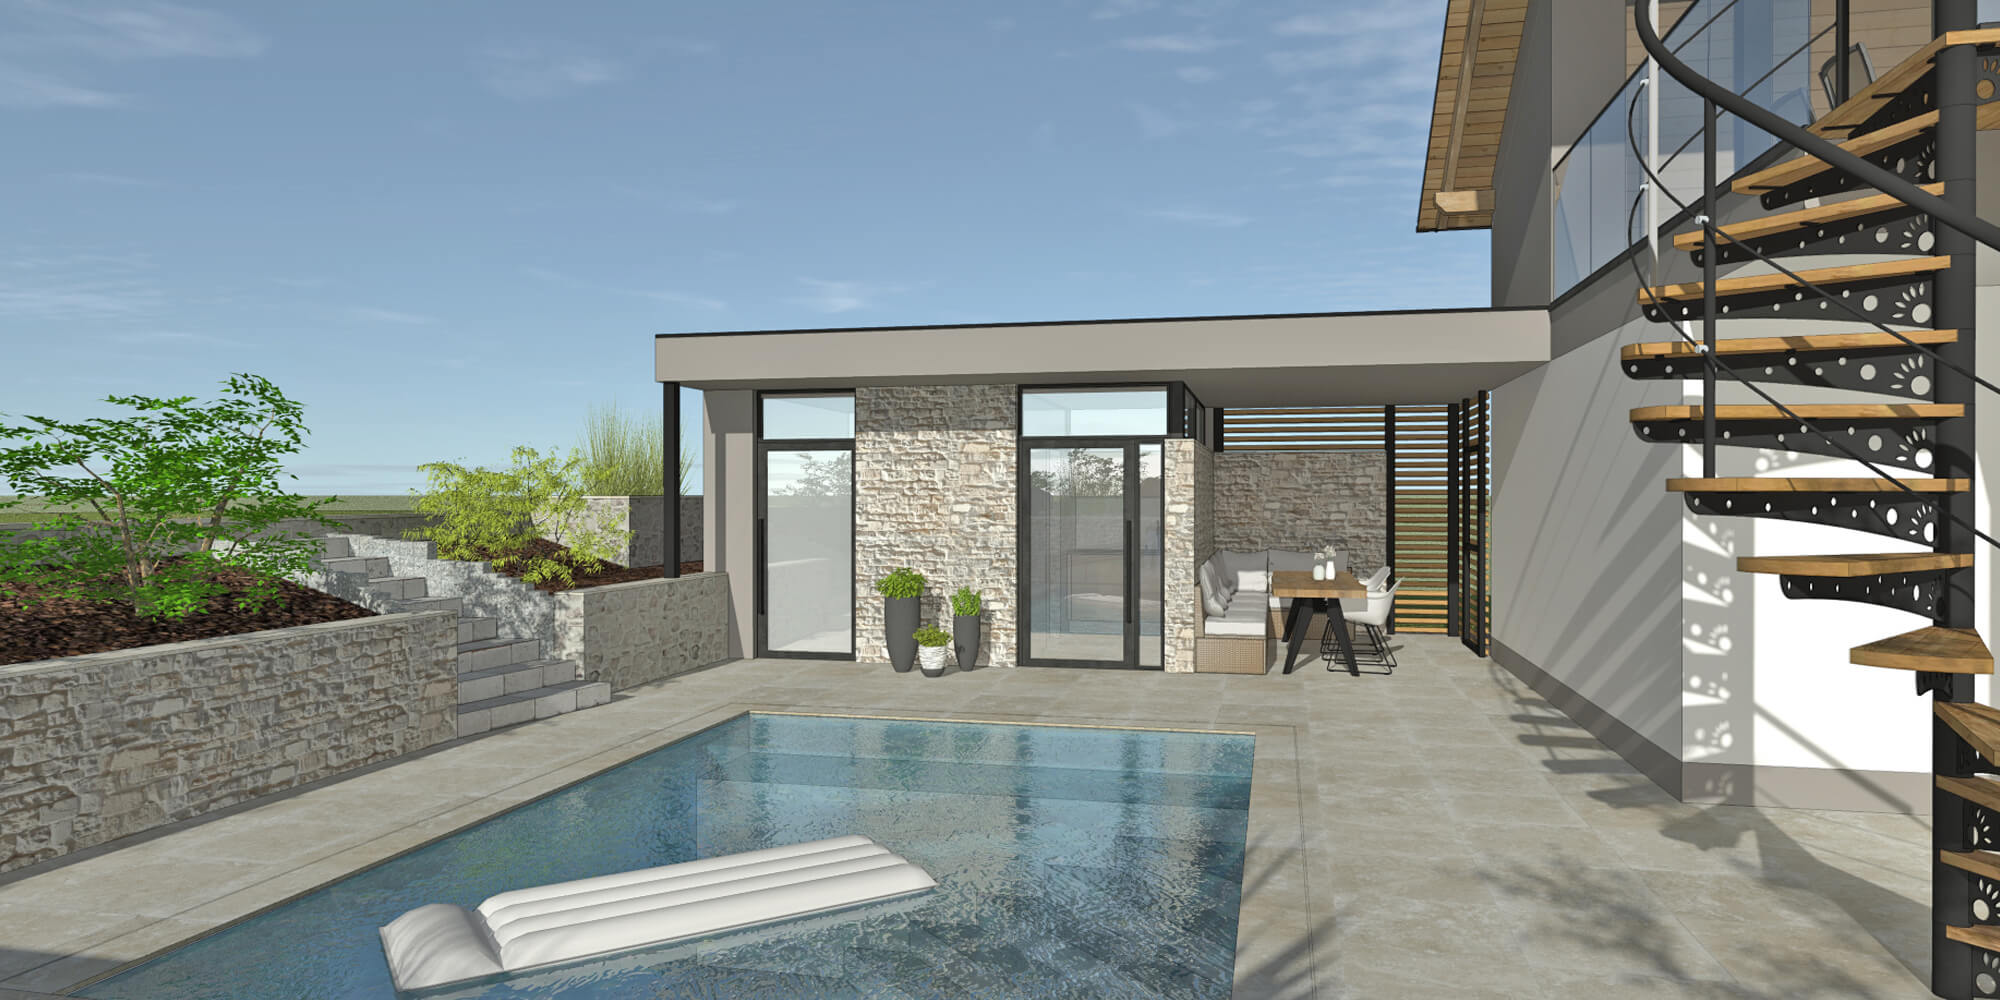 Cre-Plan-Design-Rauch-Frühmann-Architektur-Innenarchitektur-Design-Projekt-Referenz-Rund-ums-Haus-Swimmingpool-2